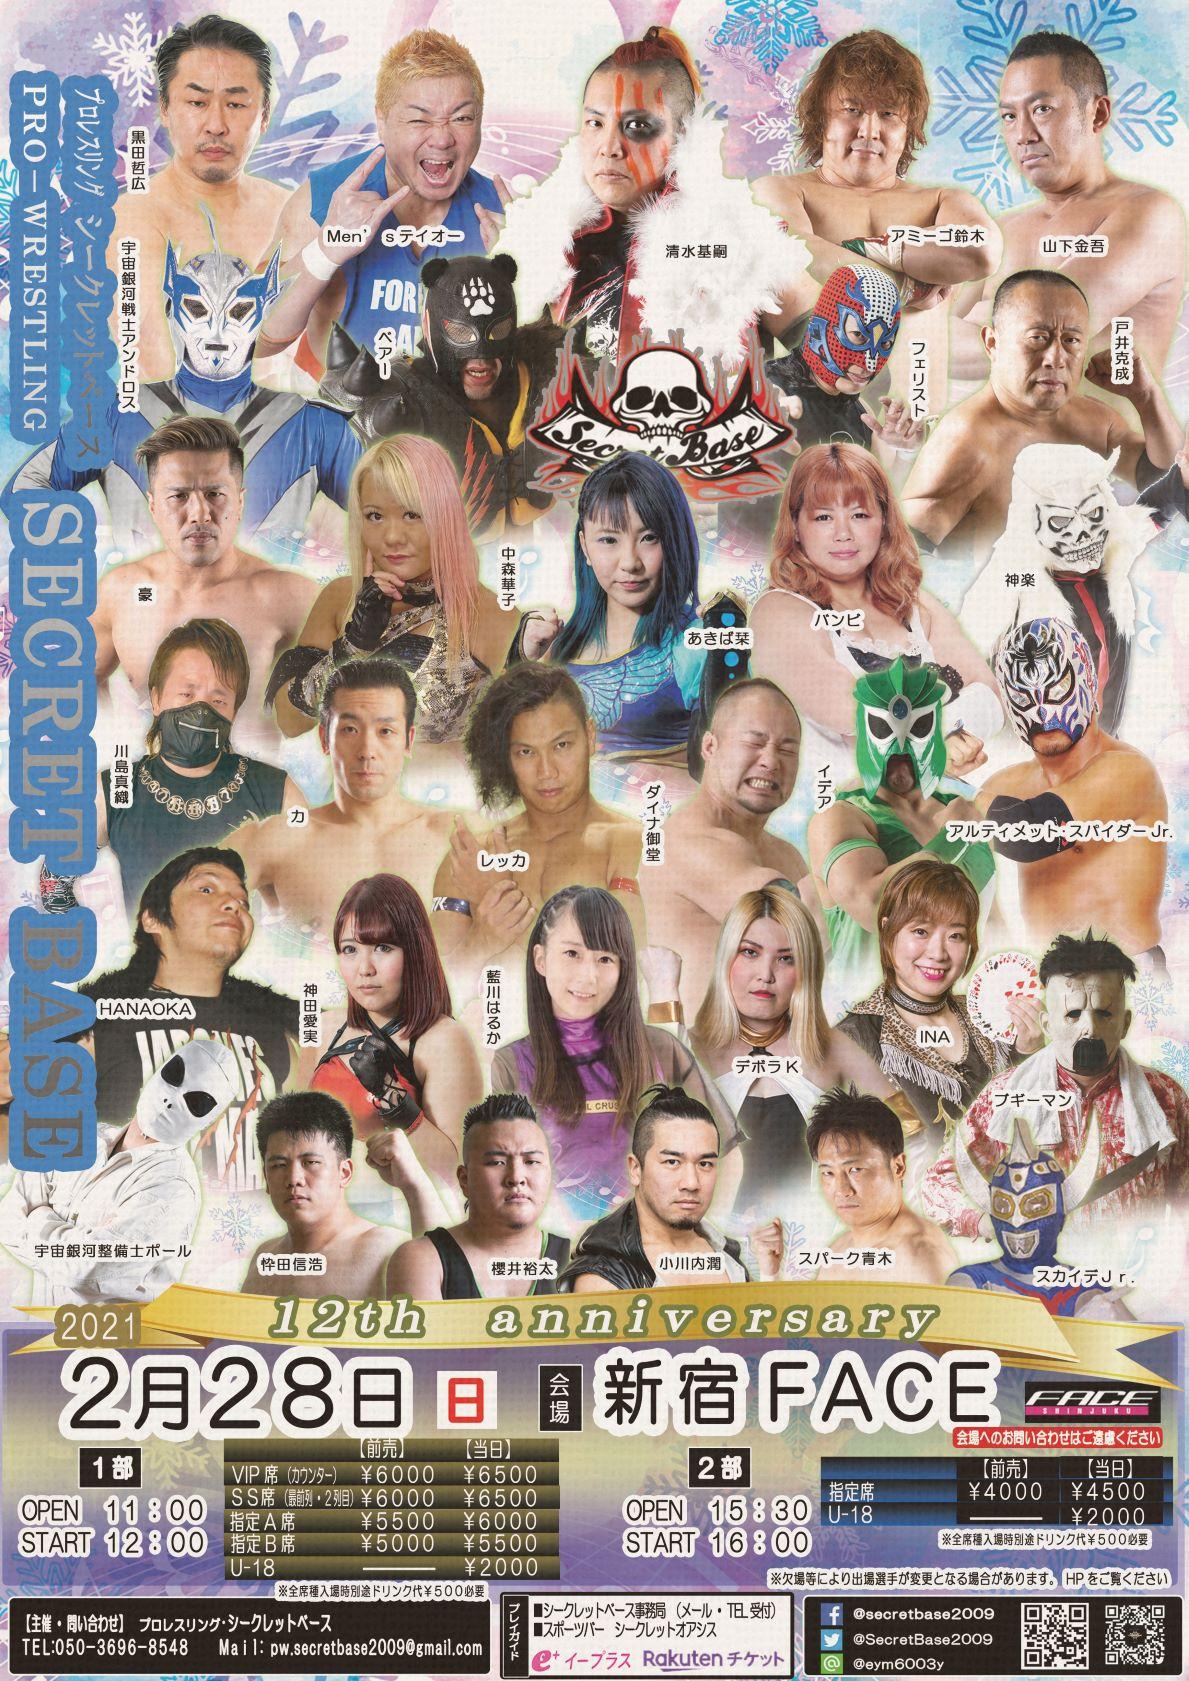 2月28日・新宿FACE大会、第1部(12時開始)、第2部(16時開始)全対戦カード!!